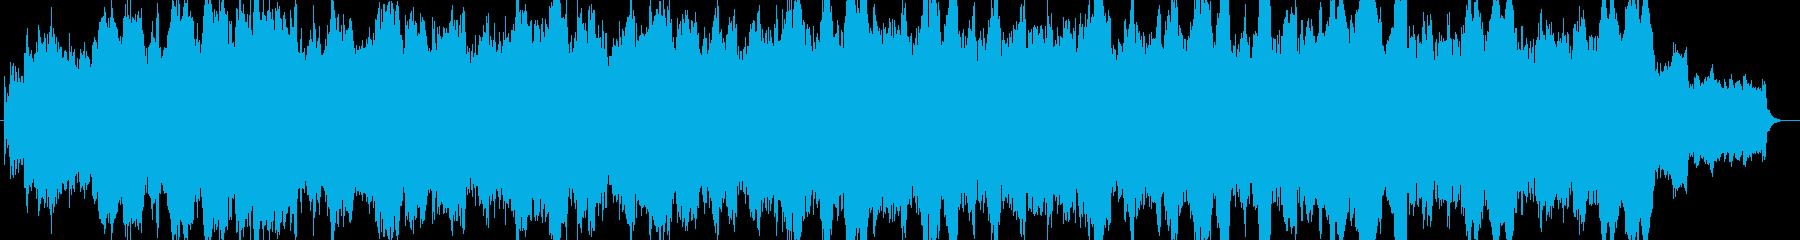 ワルツ薔薇色ときめきループ音源の再生済みの波形